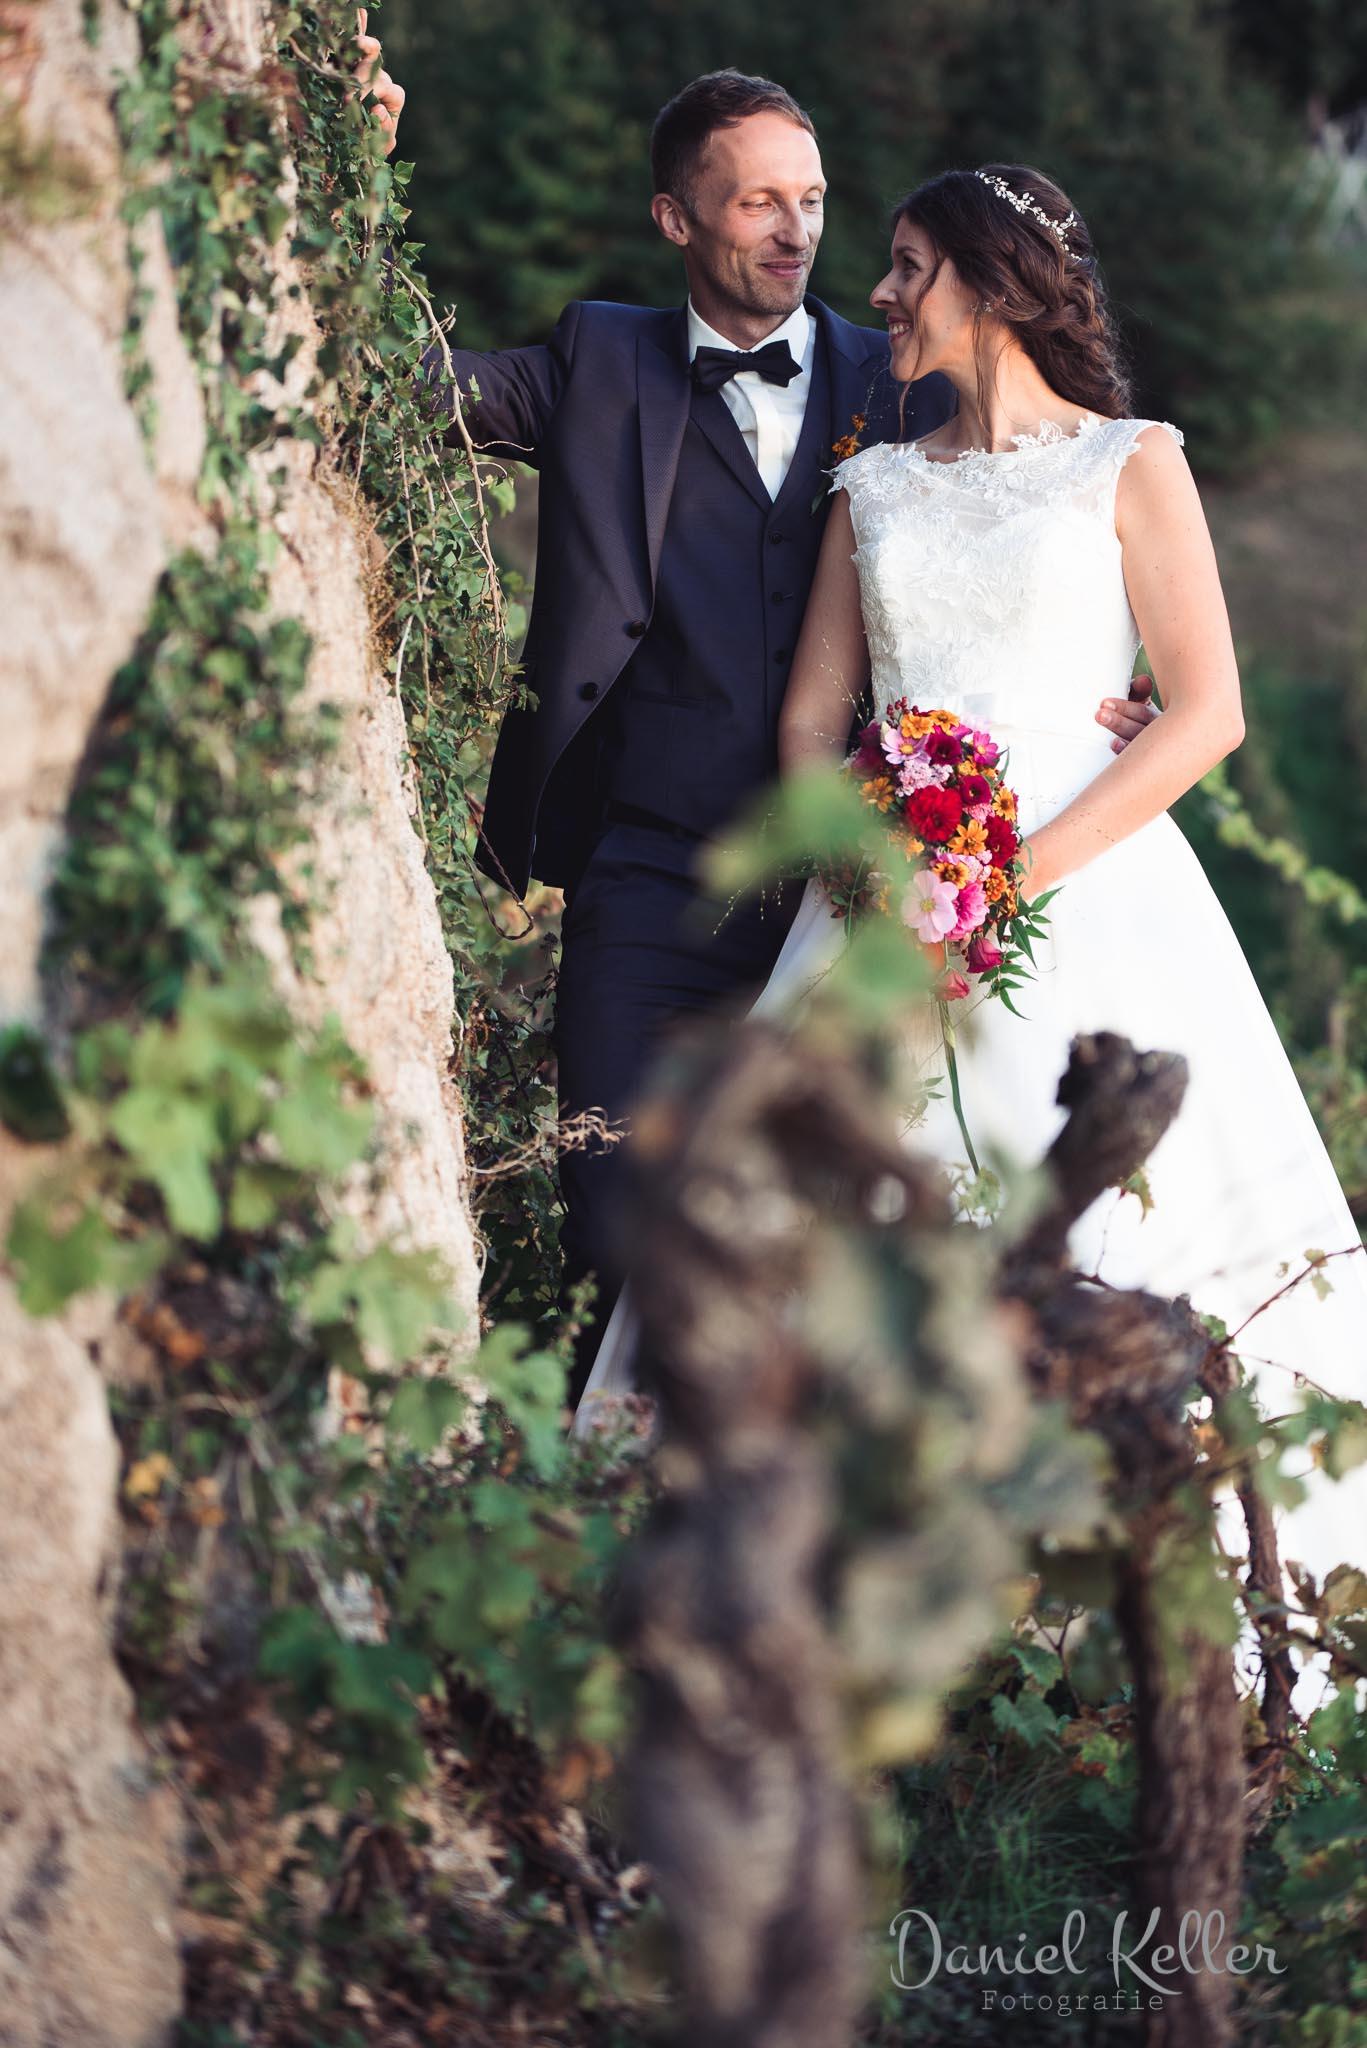 Brautpaar beim Sonnenuntergang in den Reben bei der Burg Windeck in Bühl